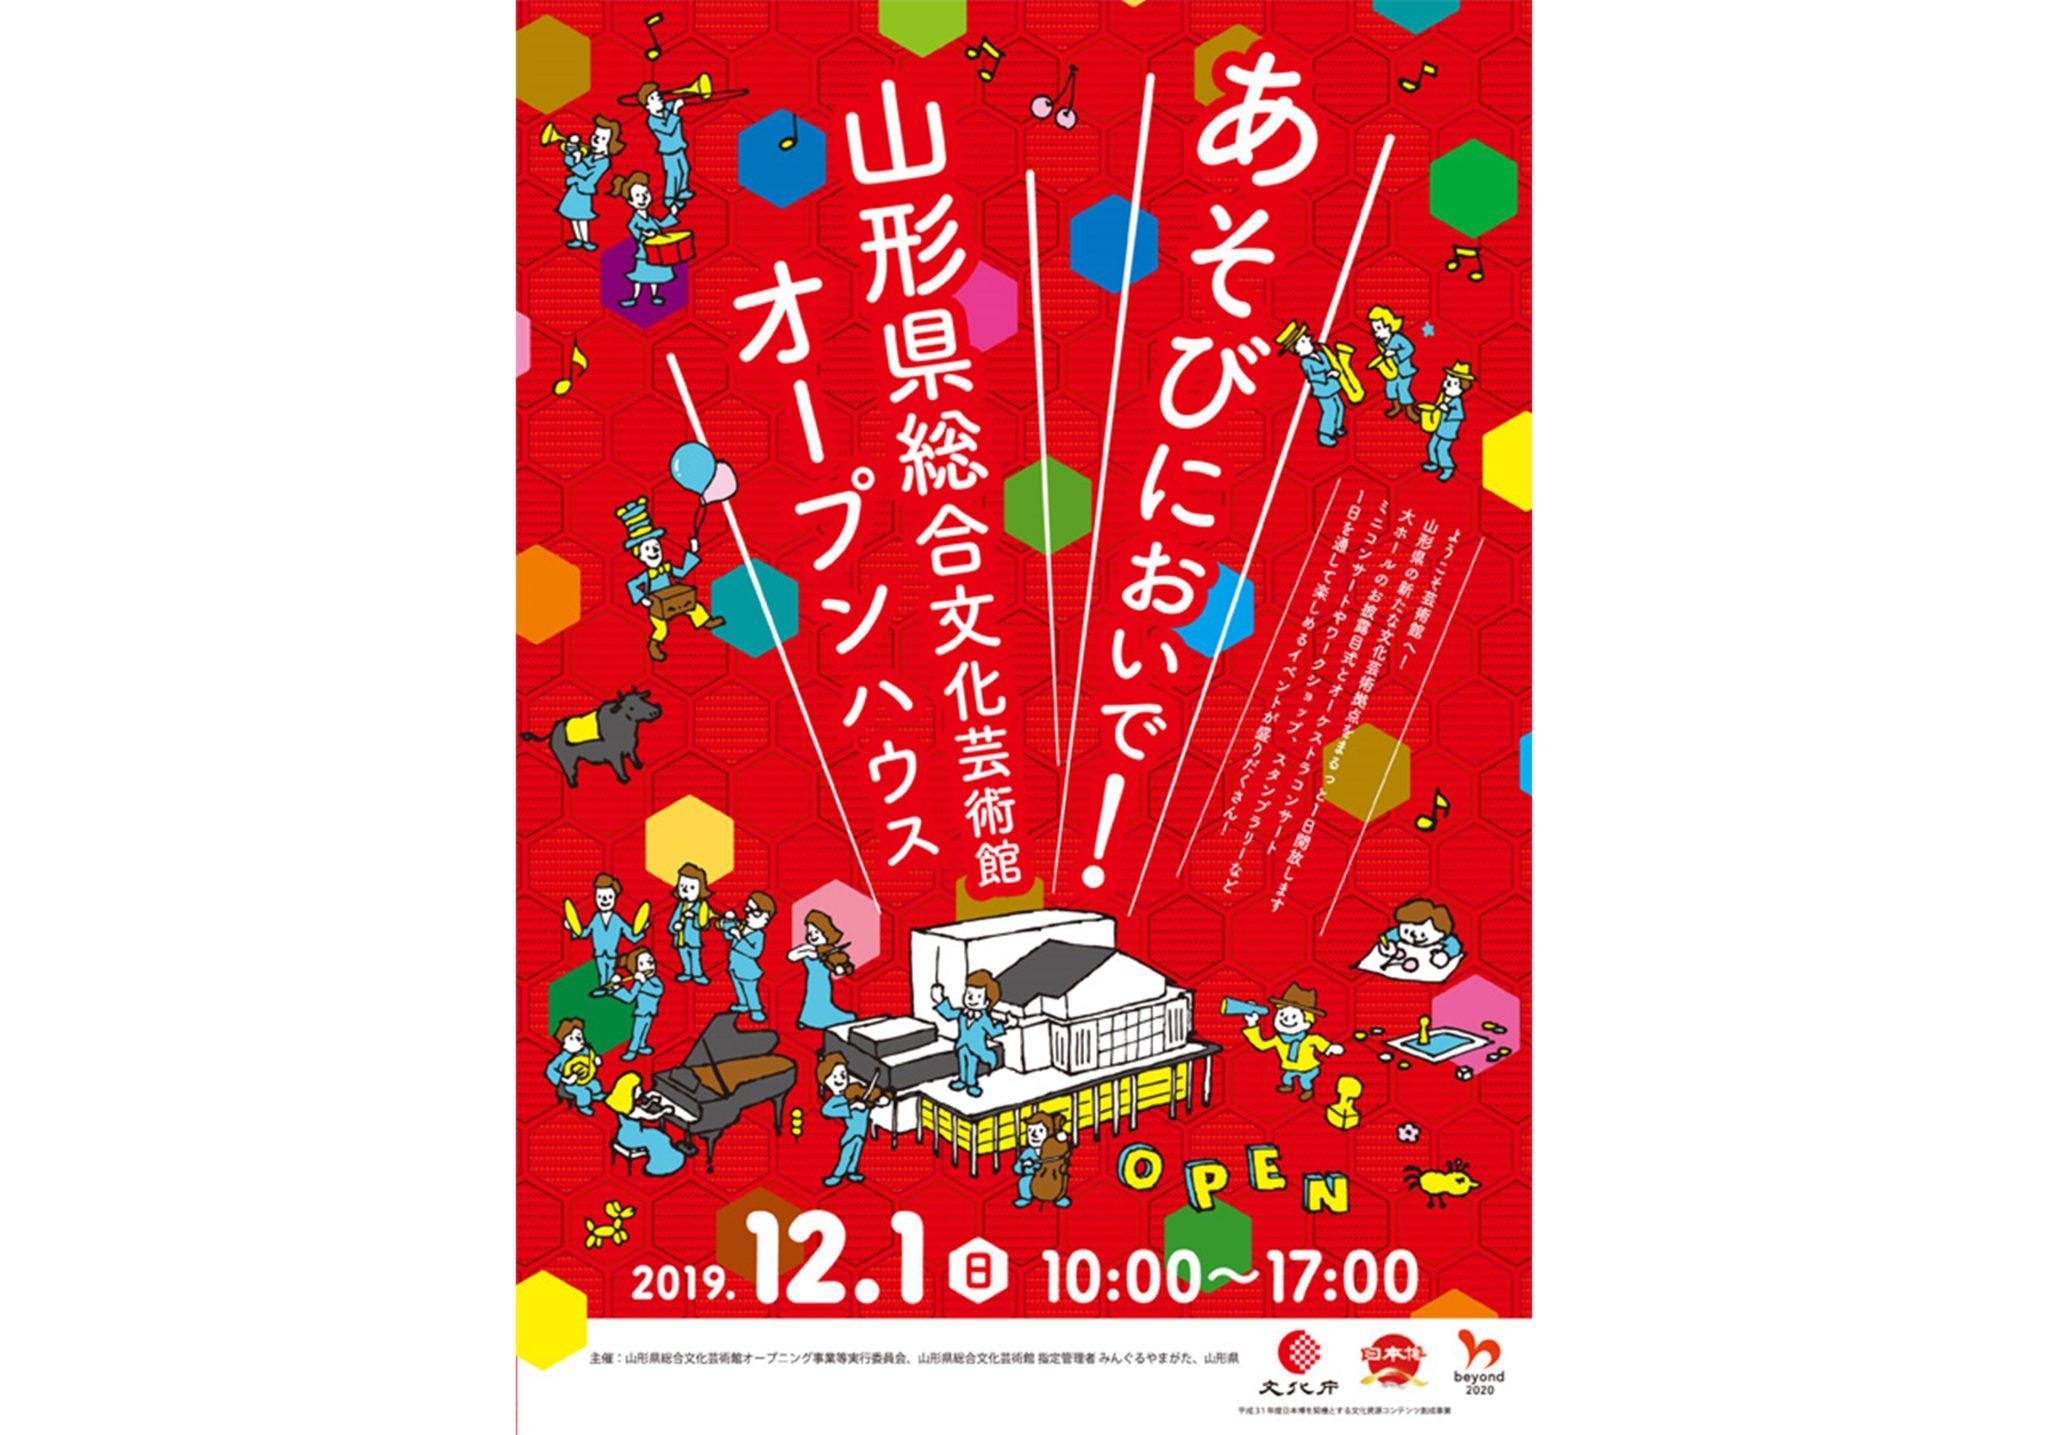 あそびにおいで!山形県総合文化芸術館 オープンハウス